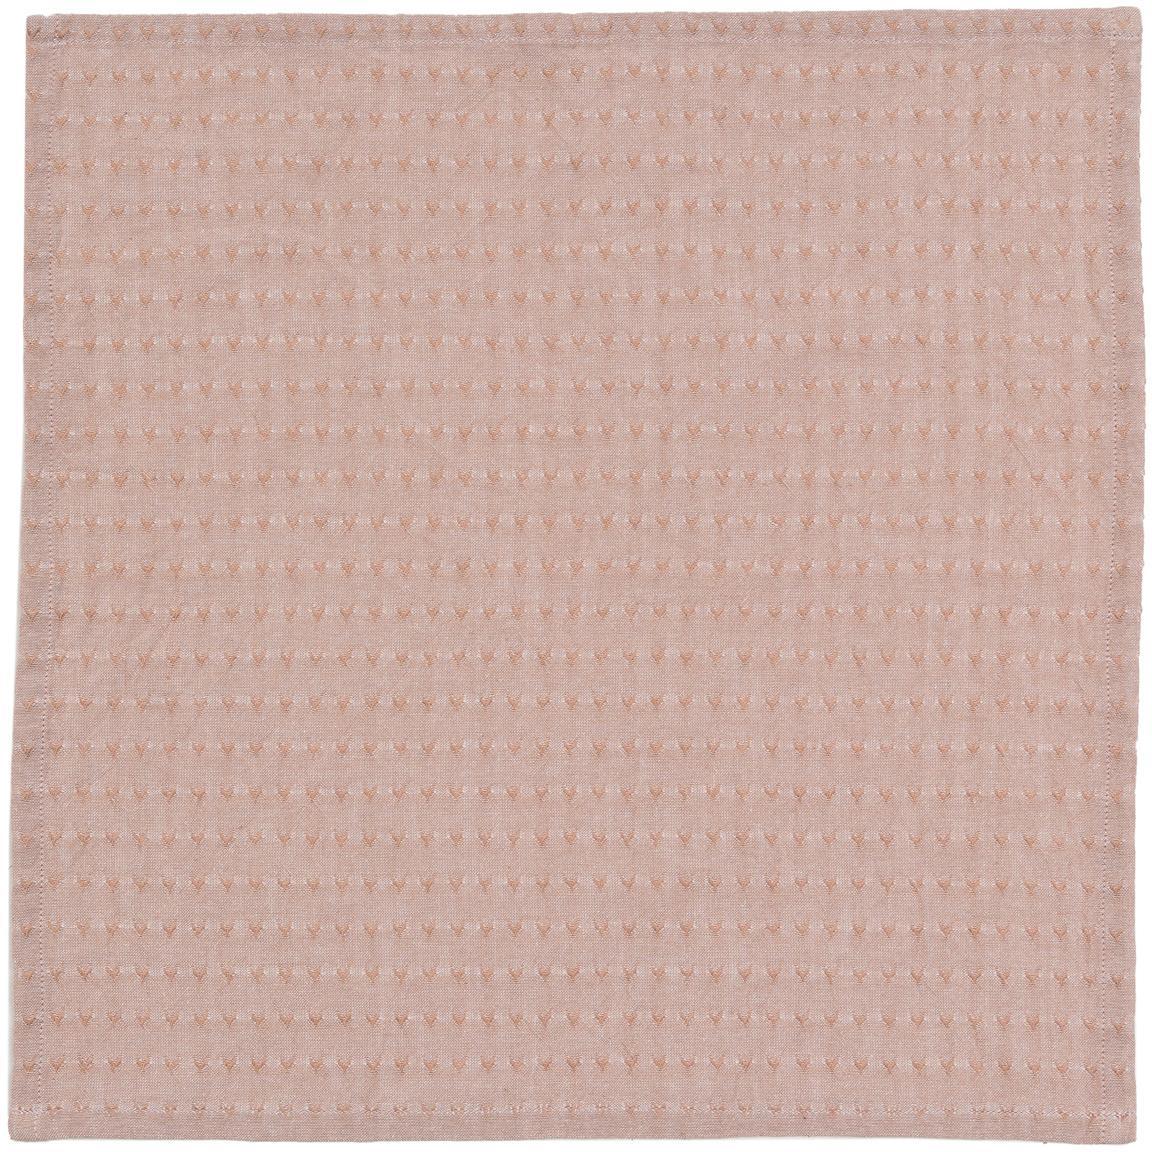 Tovagliolo in cotone Napel 4 pz, Cotone, Marrone, Larg. 40 x Lung. 40 cm